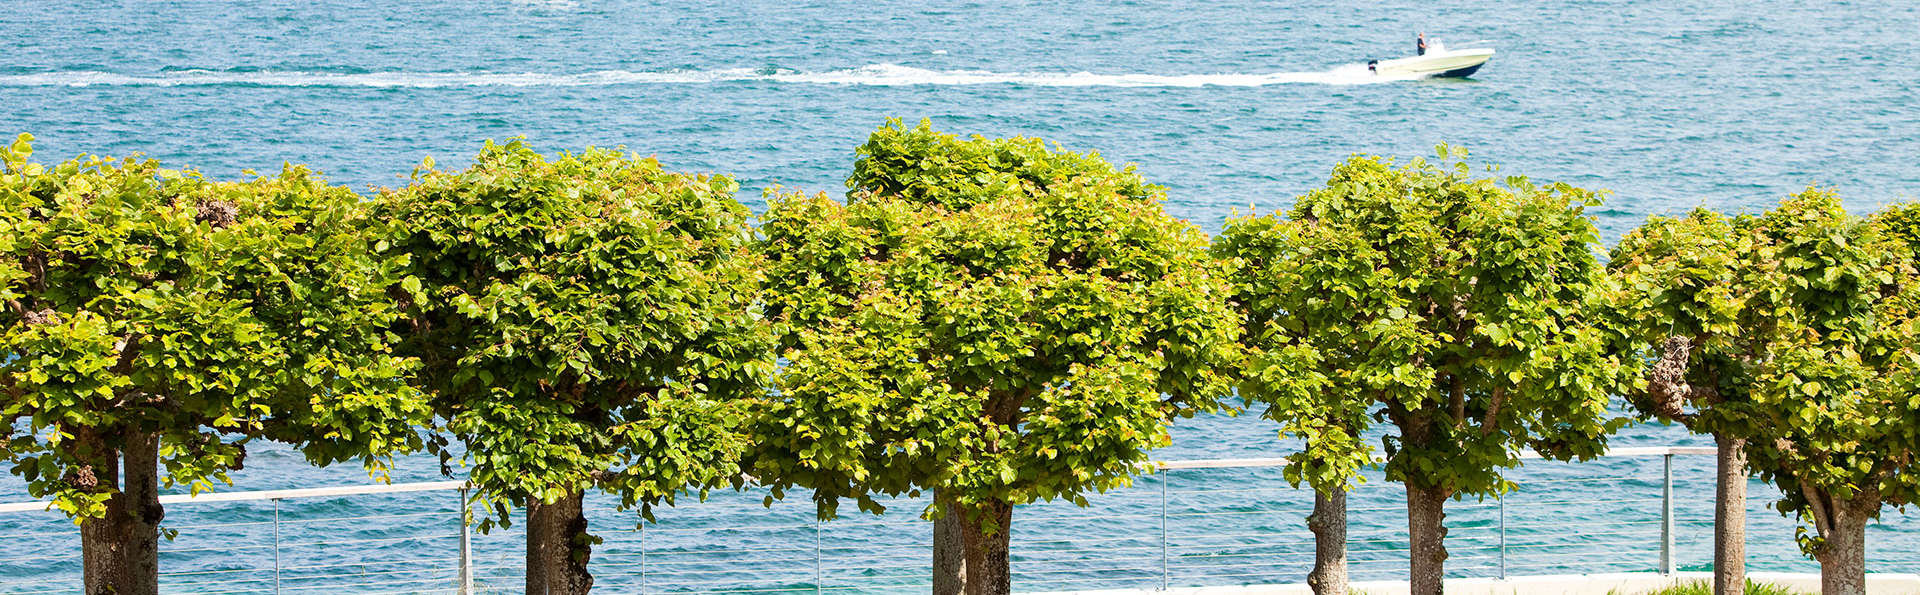 Escapade détente face à la mer sur la côte de Granit Rose